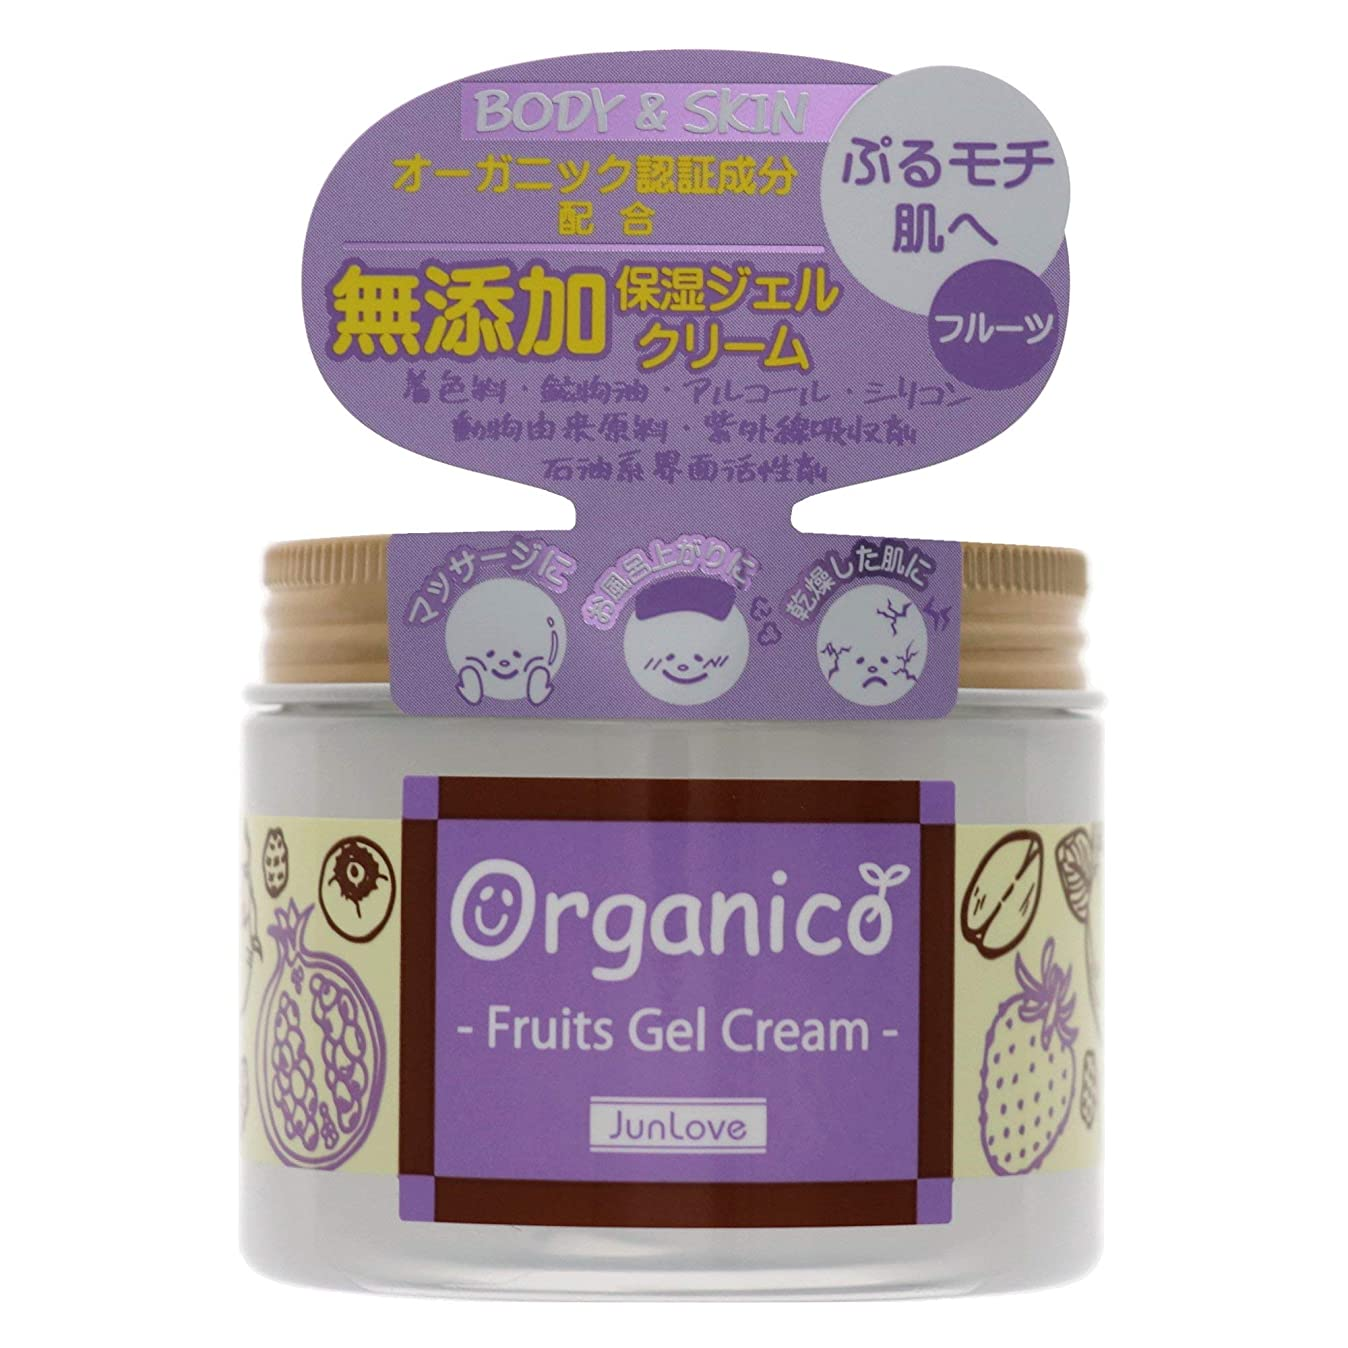 オーガニコ フルーツ ジェルクリーム 150g